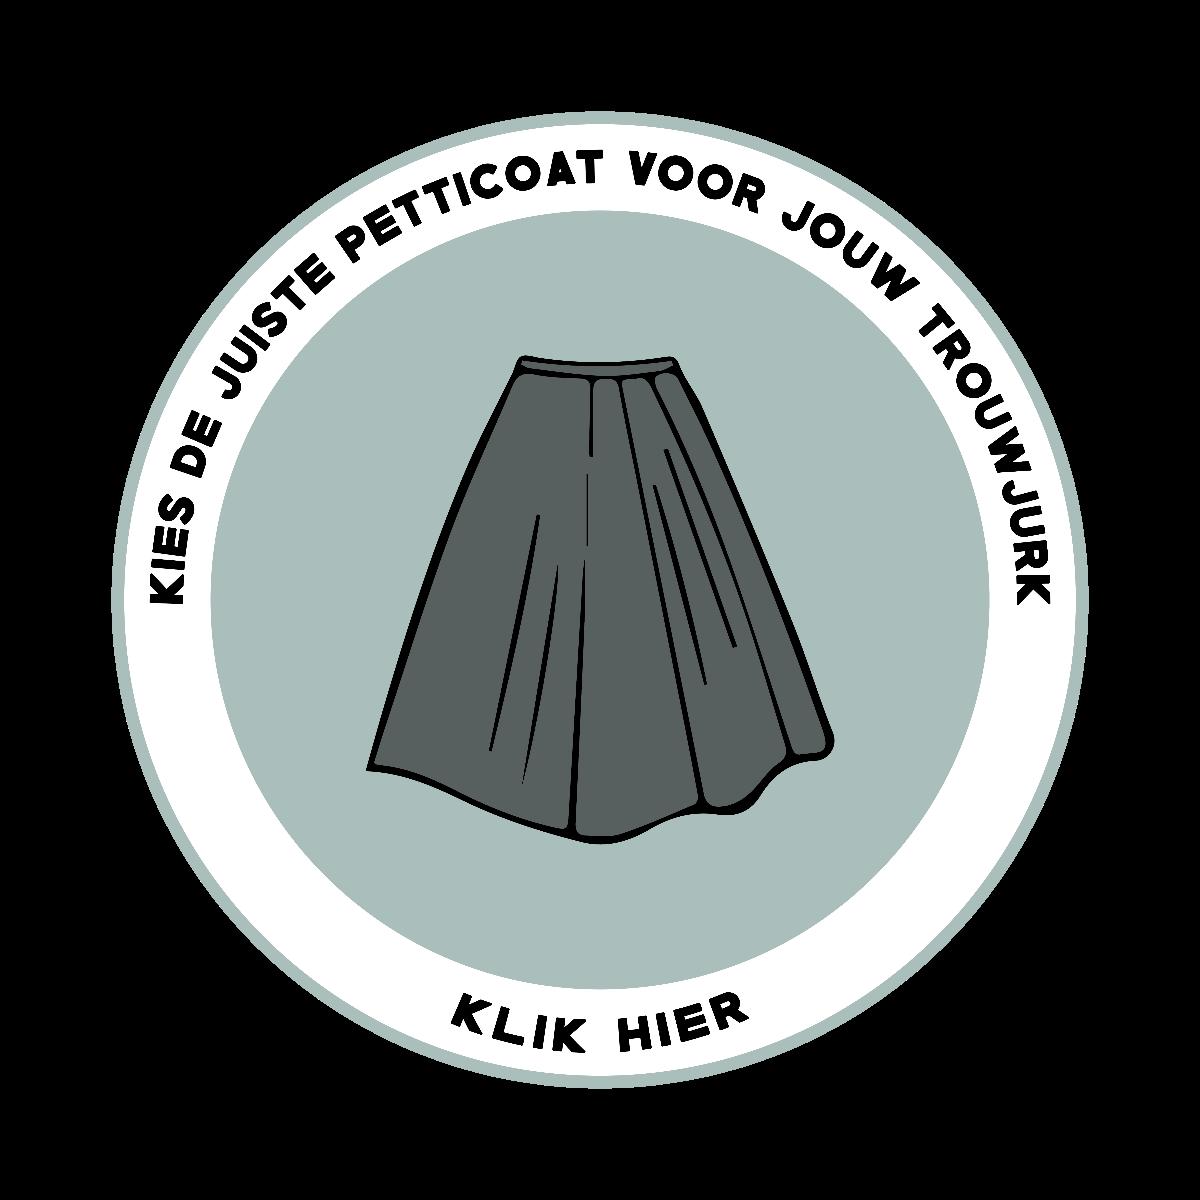 Kies de juiste petticoat voor onder jouw trouwjurk